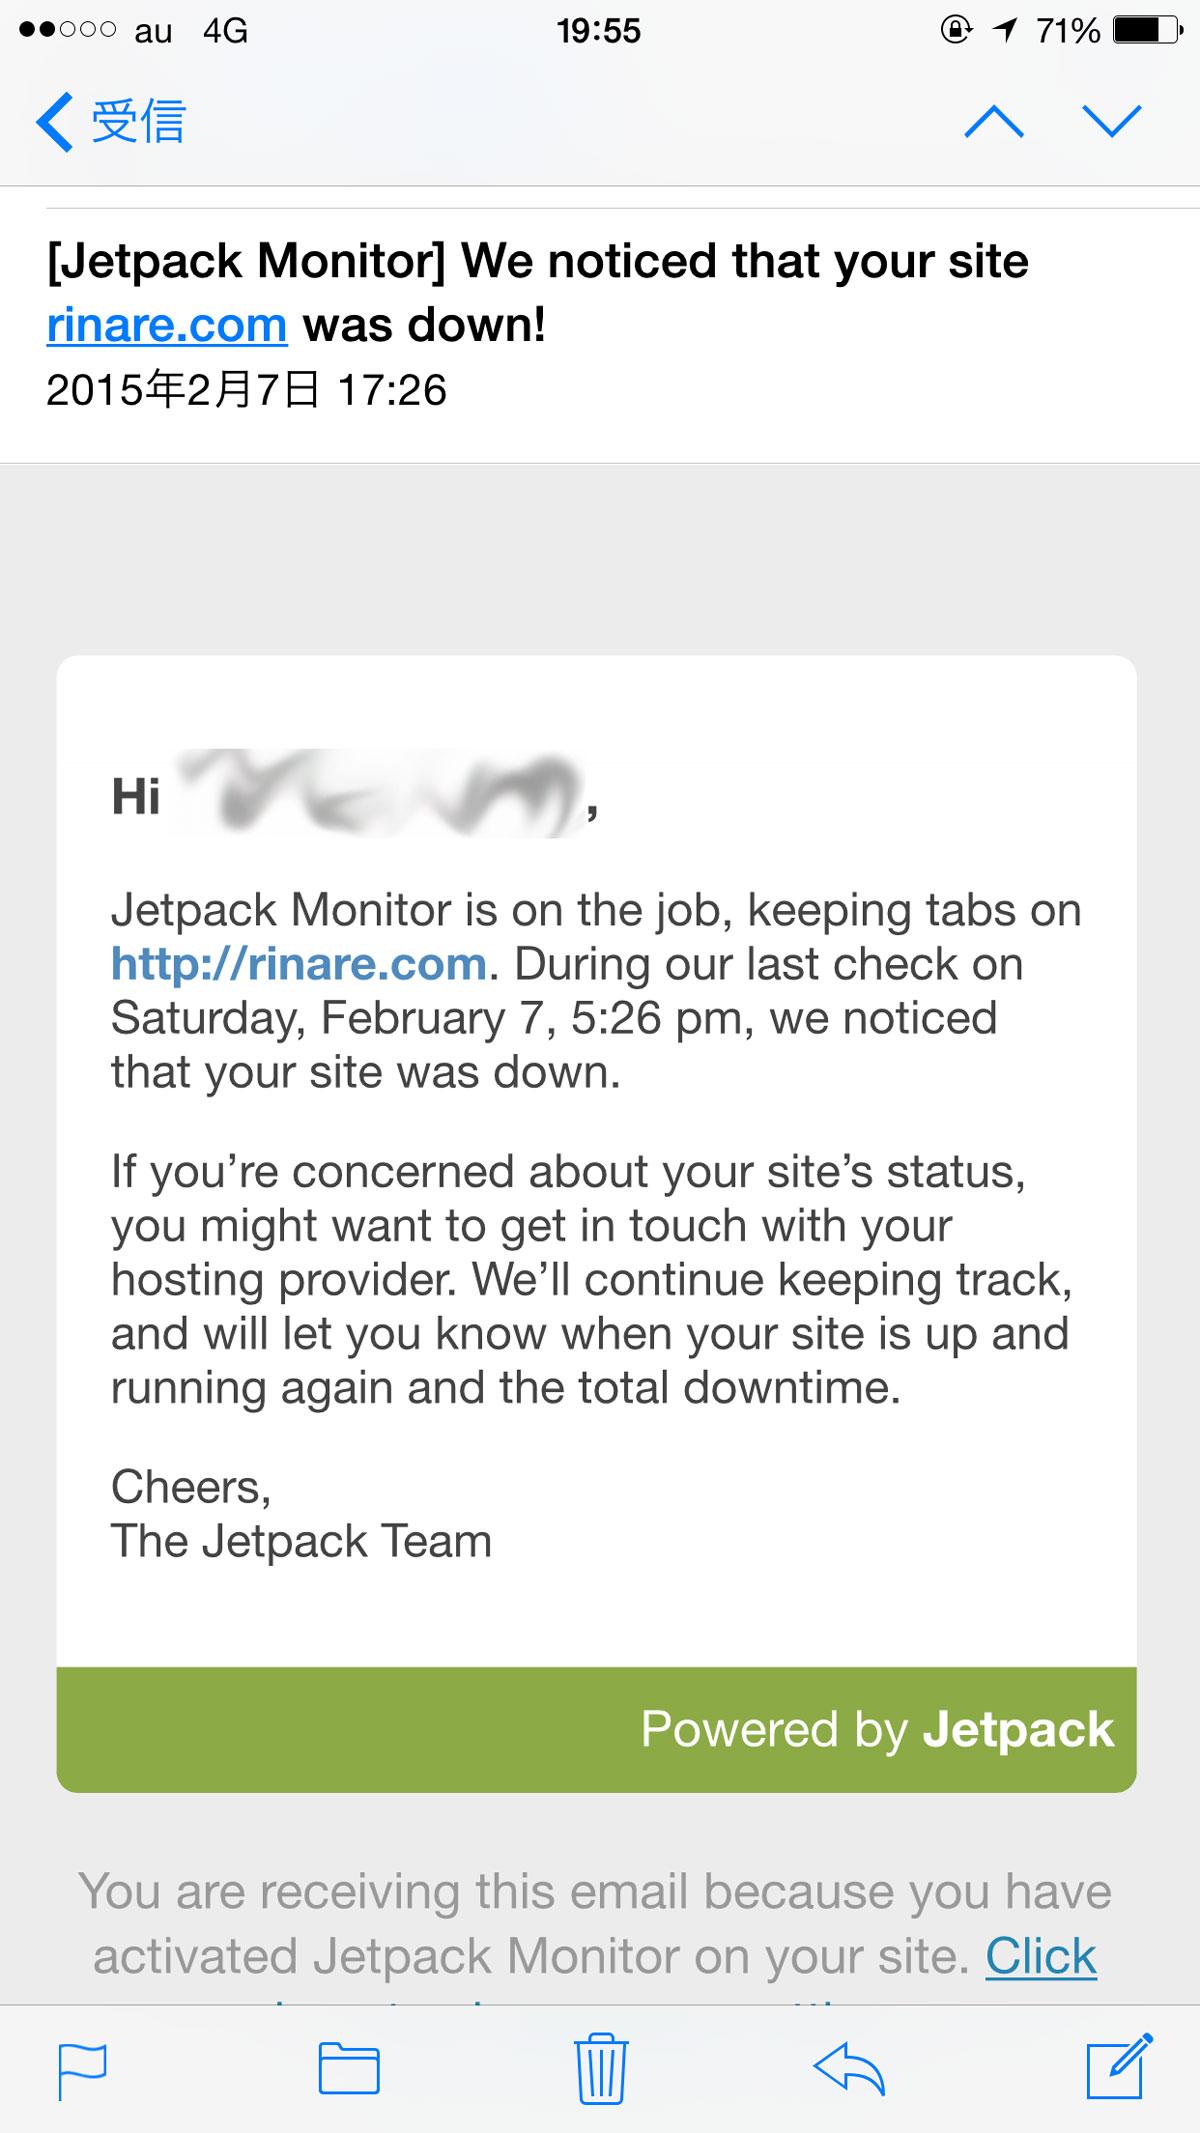 JetPackのMonitor、サーバーダウンしてるとメールが来る